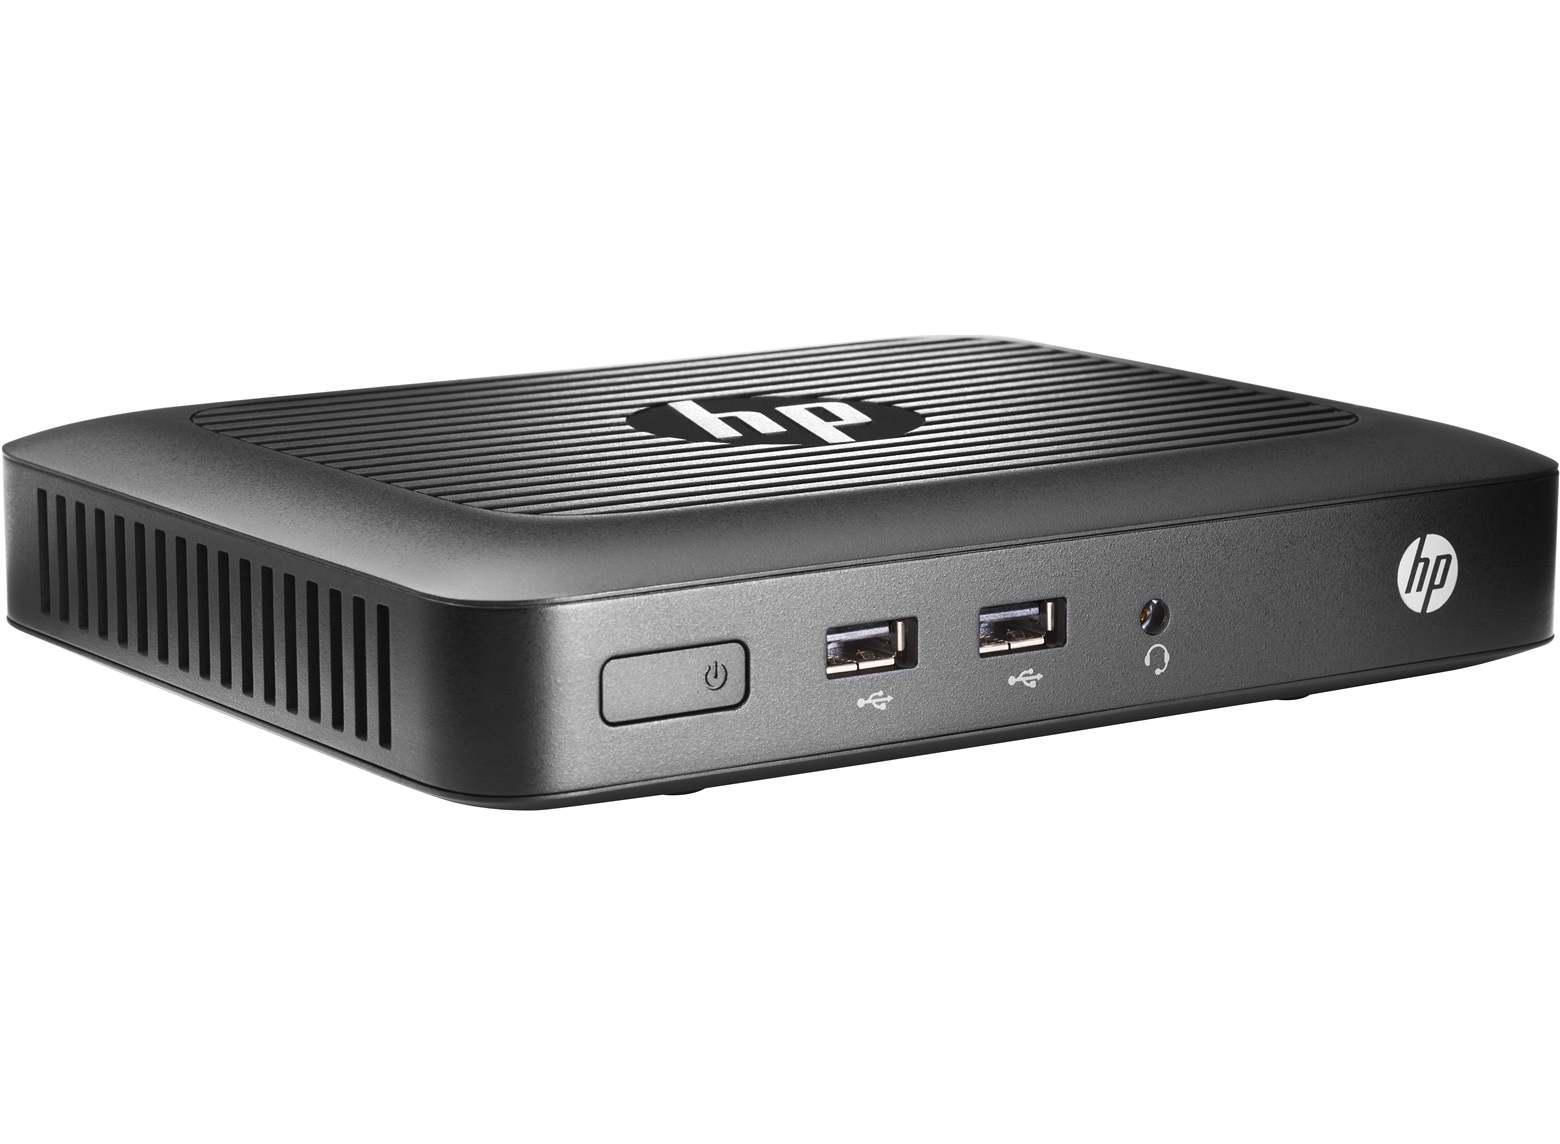 HP t420 WE7E32 Broadcom